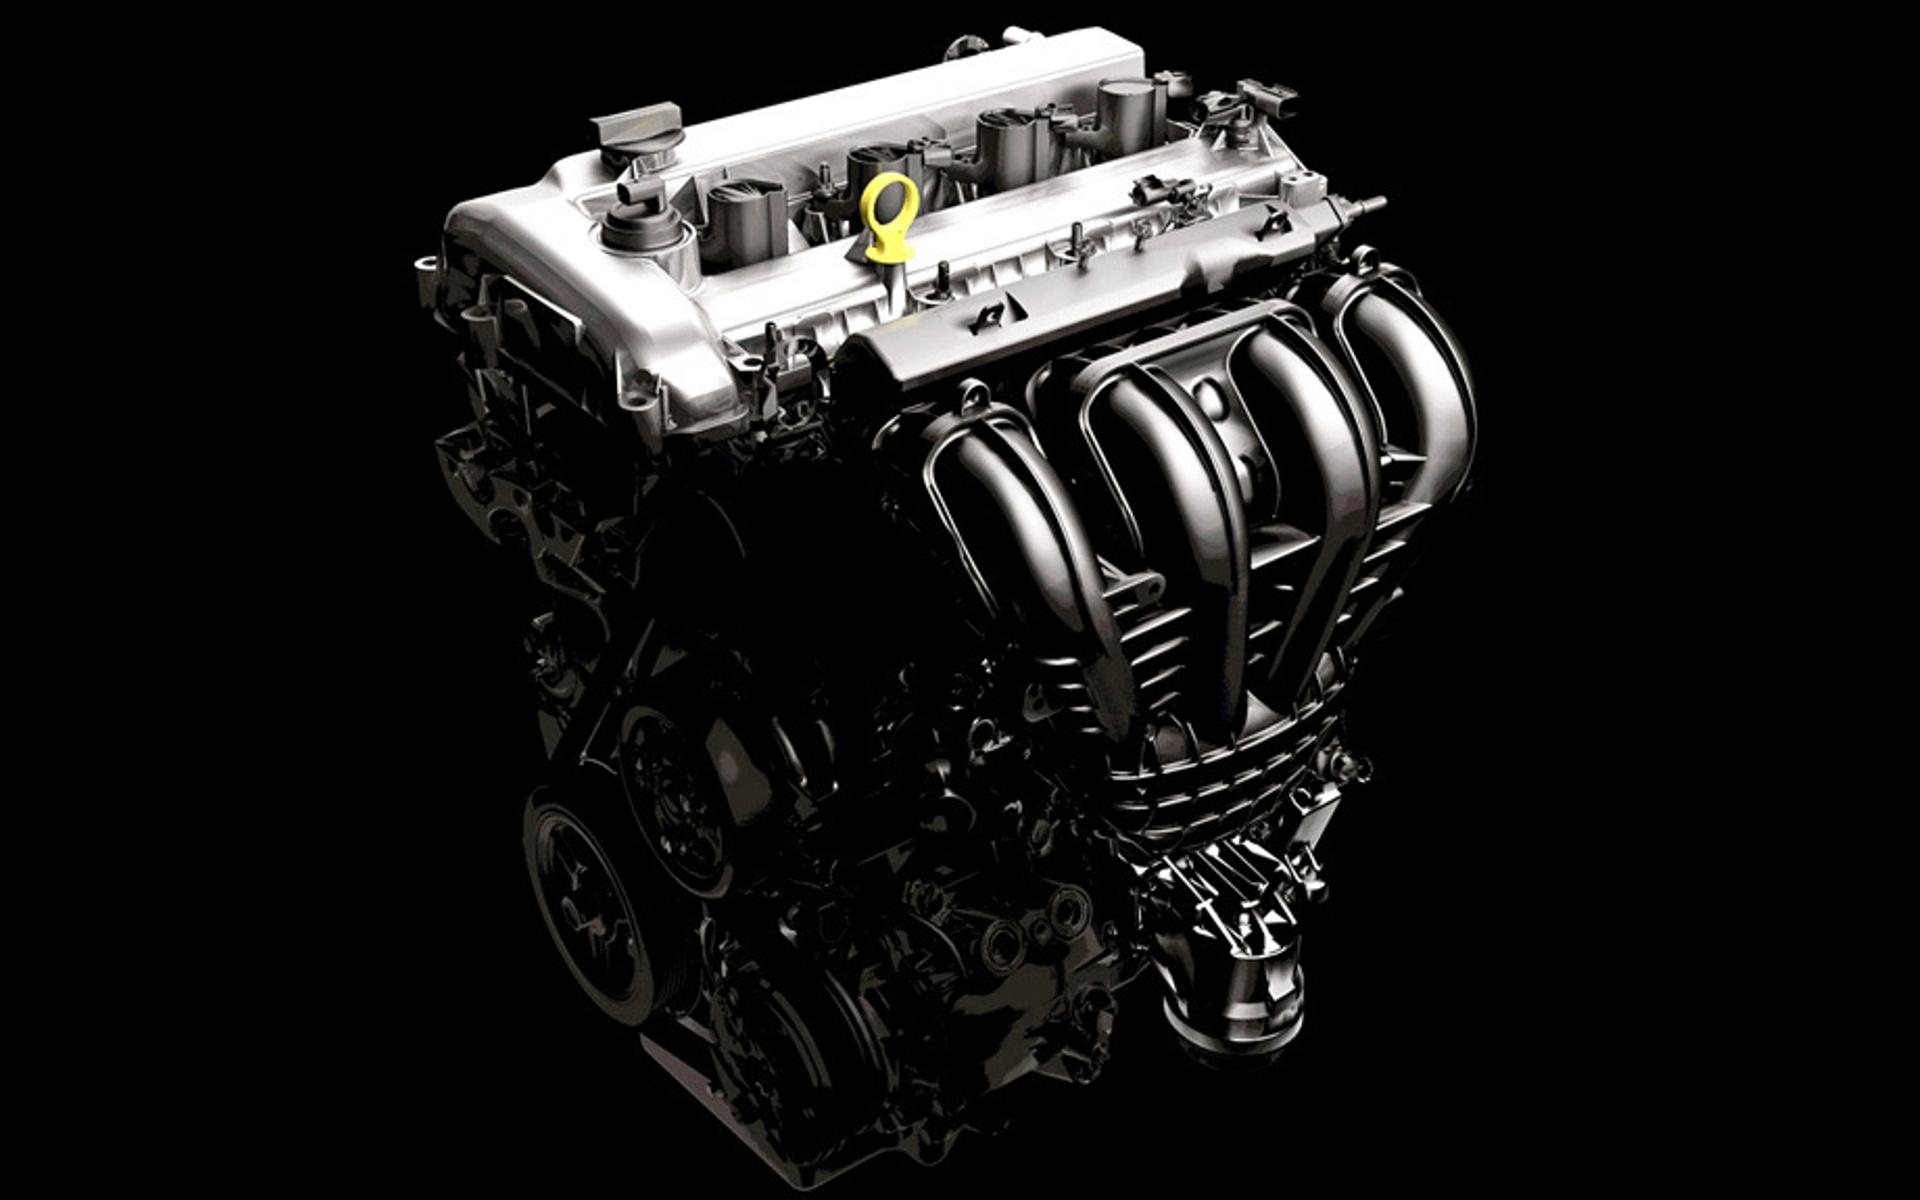 Двигатель Форд Куга 2018 в новом кузове